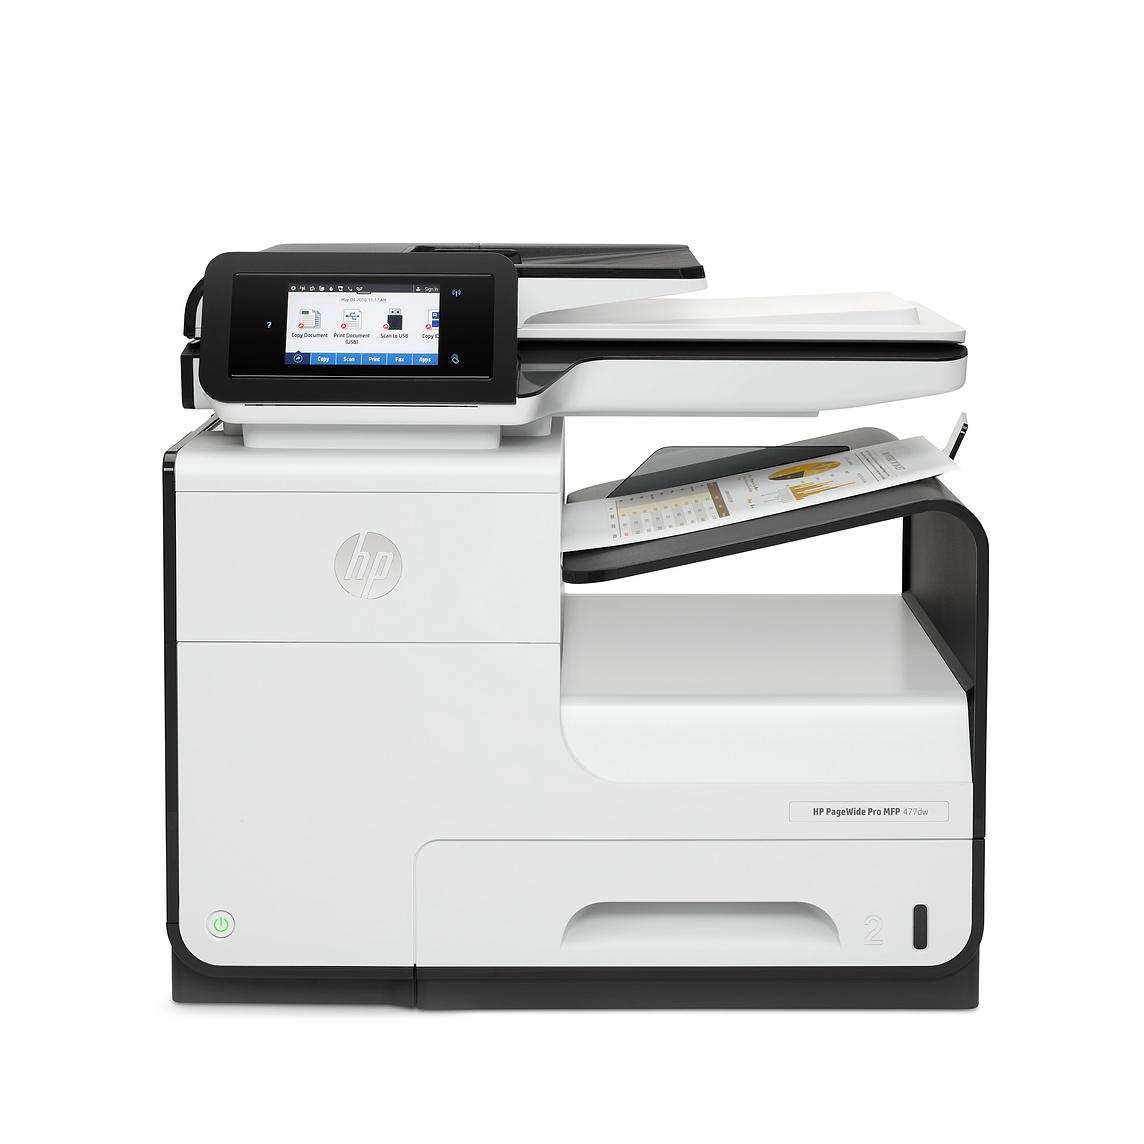 مشخصات چاپگرهای لیزری